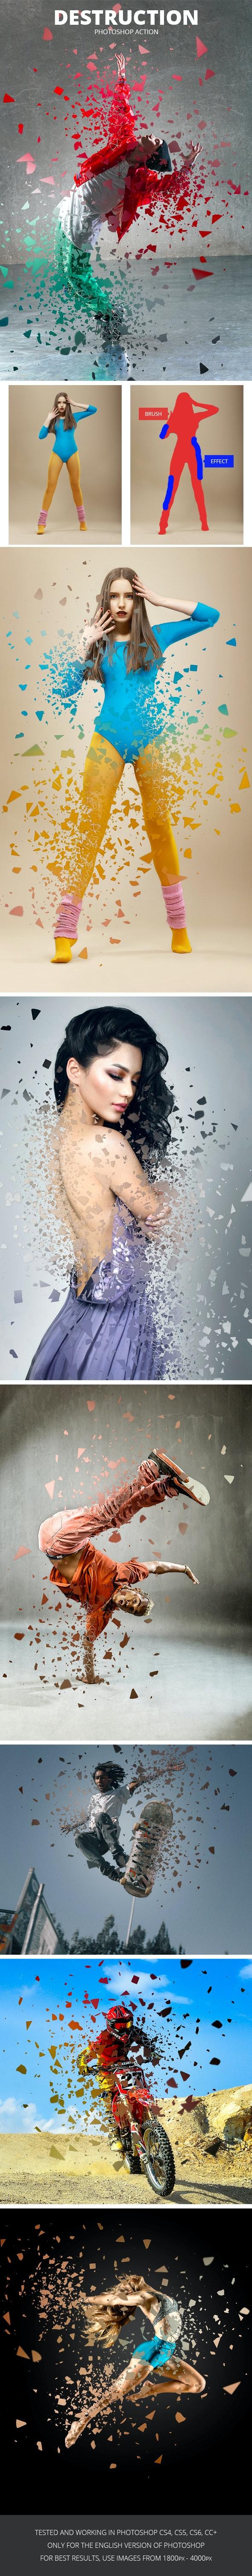 Destruction Photoshop Action - Photo Effects Actions